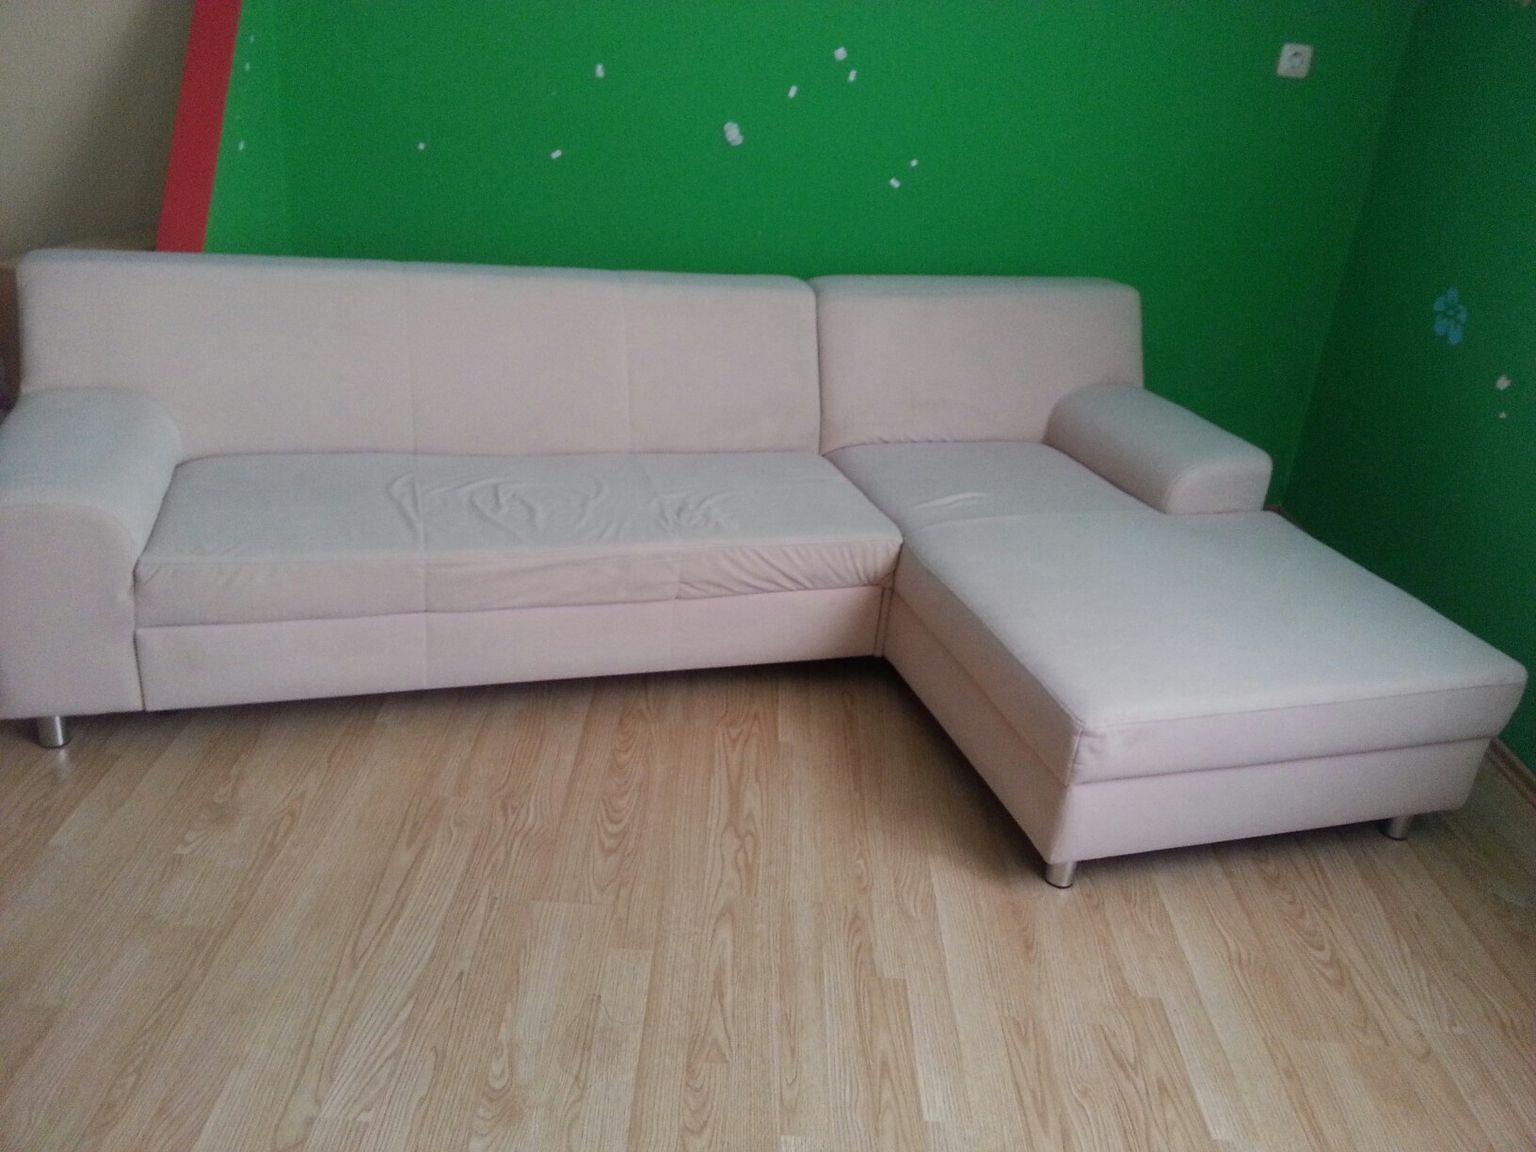 Gebraucht Wohnzimmergarnitur Mit Bettfunktion In 2563 With Images